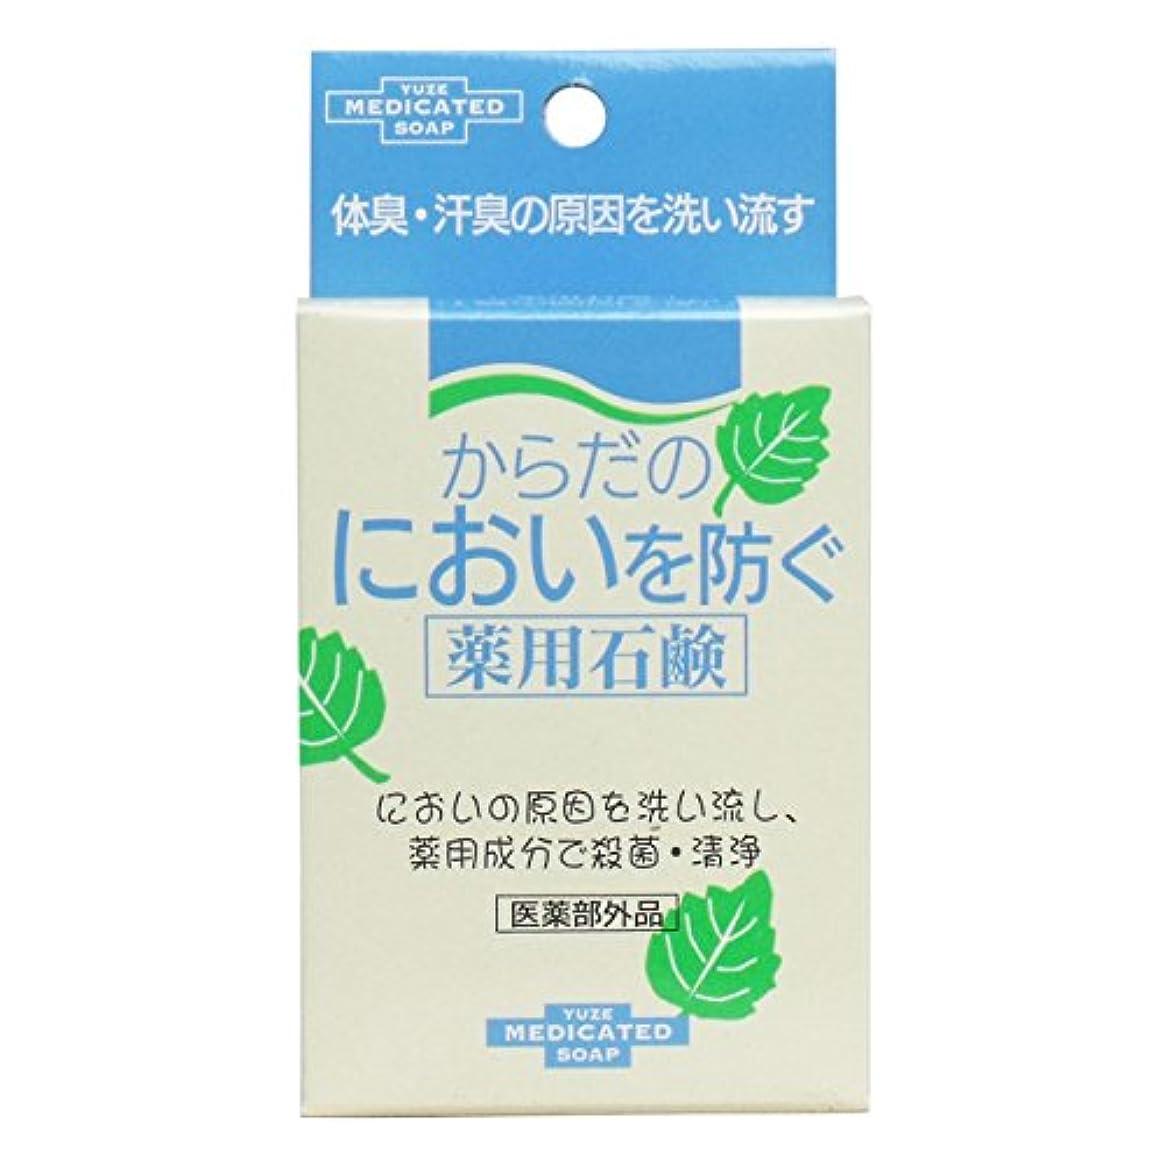 に頼るバラバラにする動脈からだのにおいを防ぐ薬用石鹸 110g ユゼ